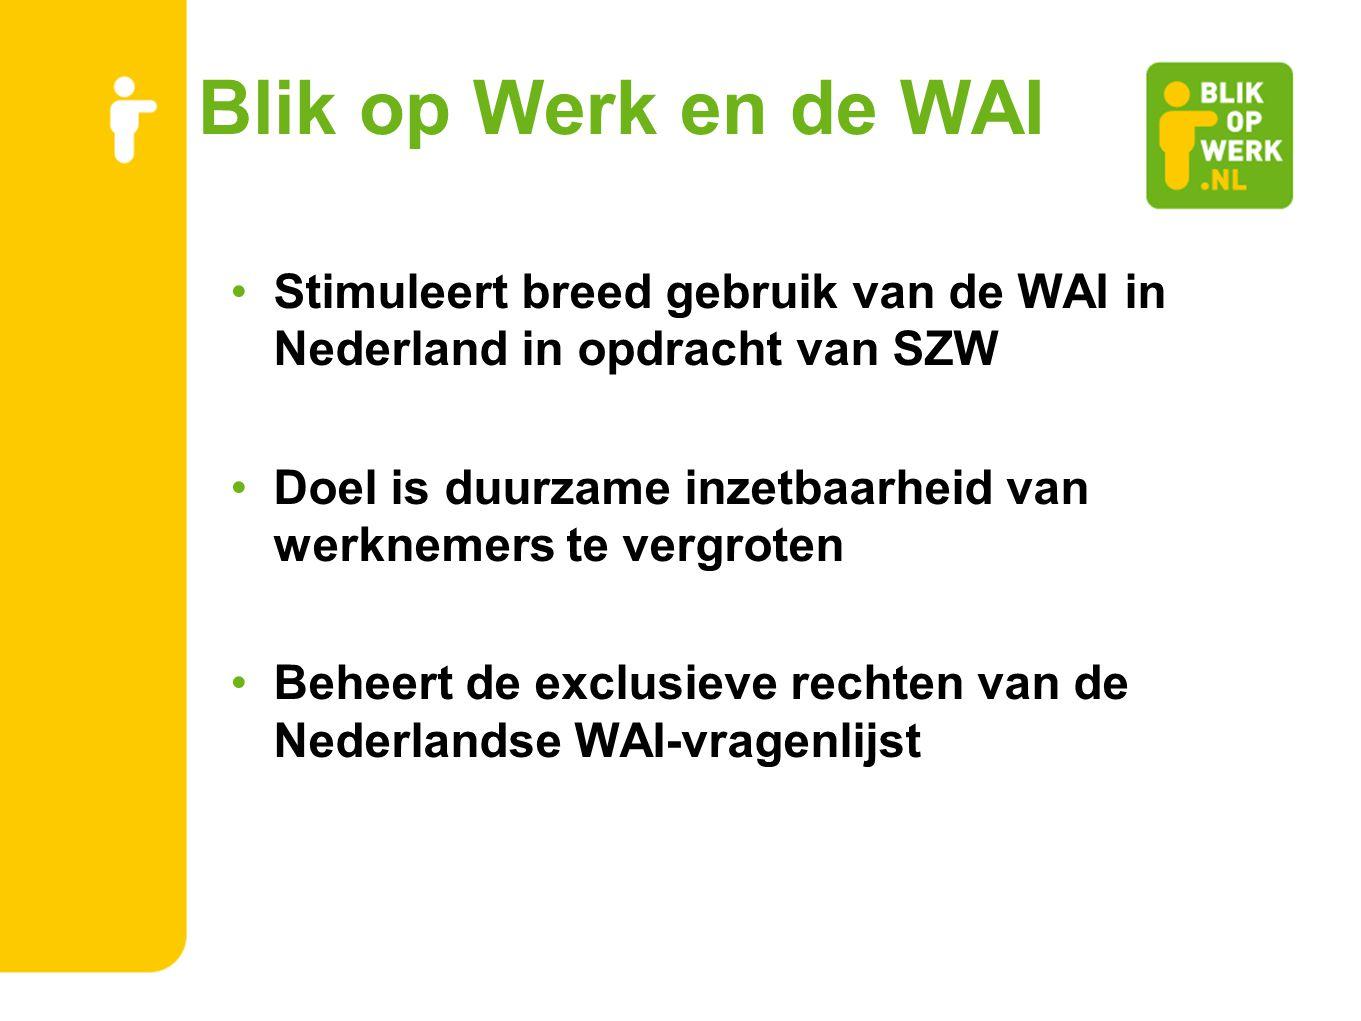 Blik op Werk en de WAI Stimuleert breed gebruik van de WAI in Nederland in opdracht van SZW Doel is duurzame inzetbaarheid van werknemers te vergroten